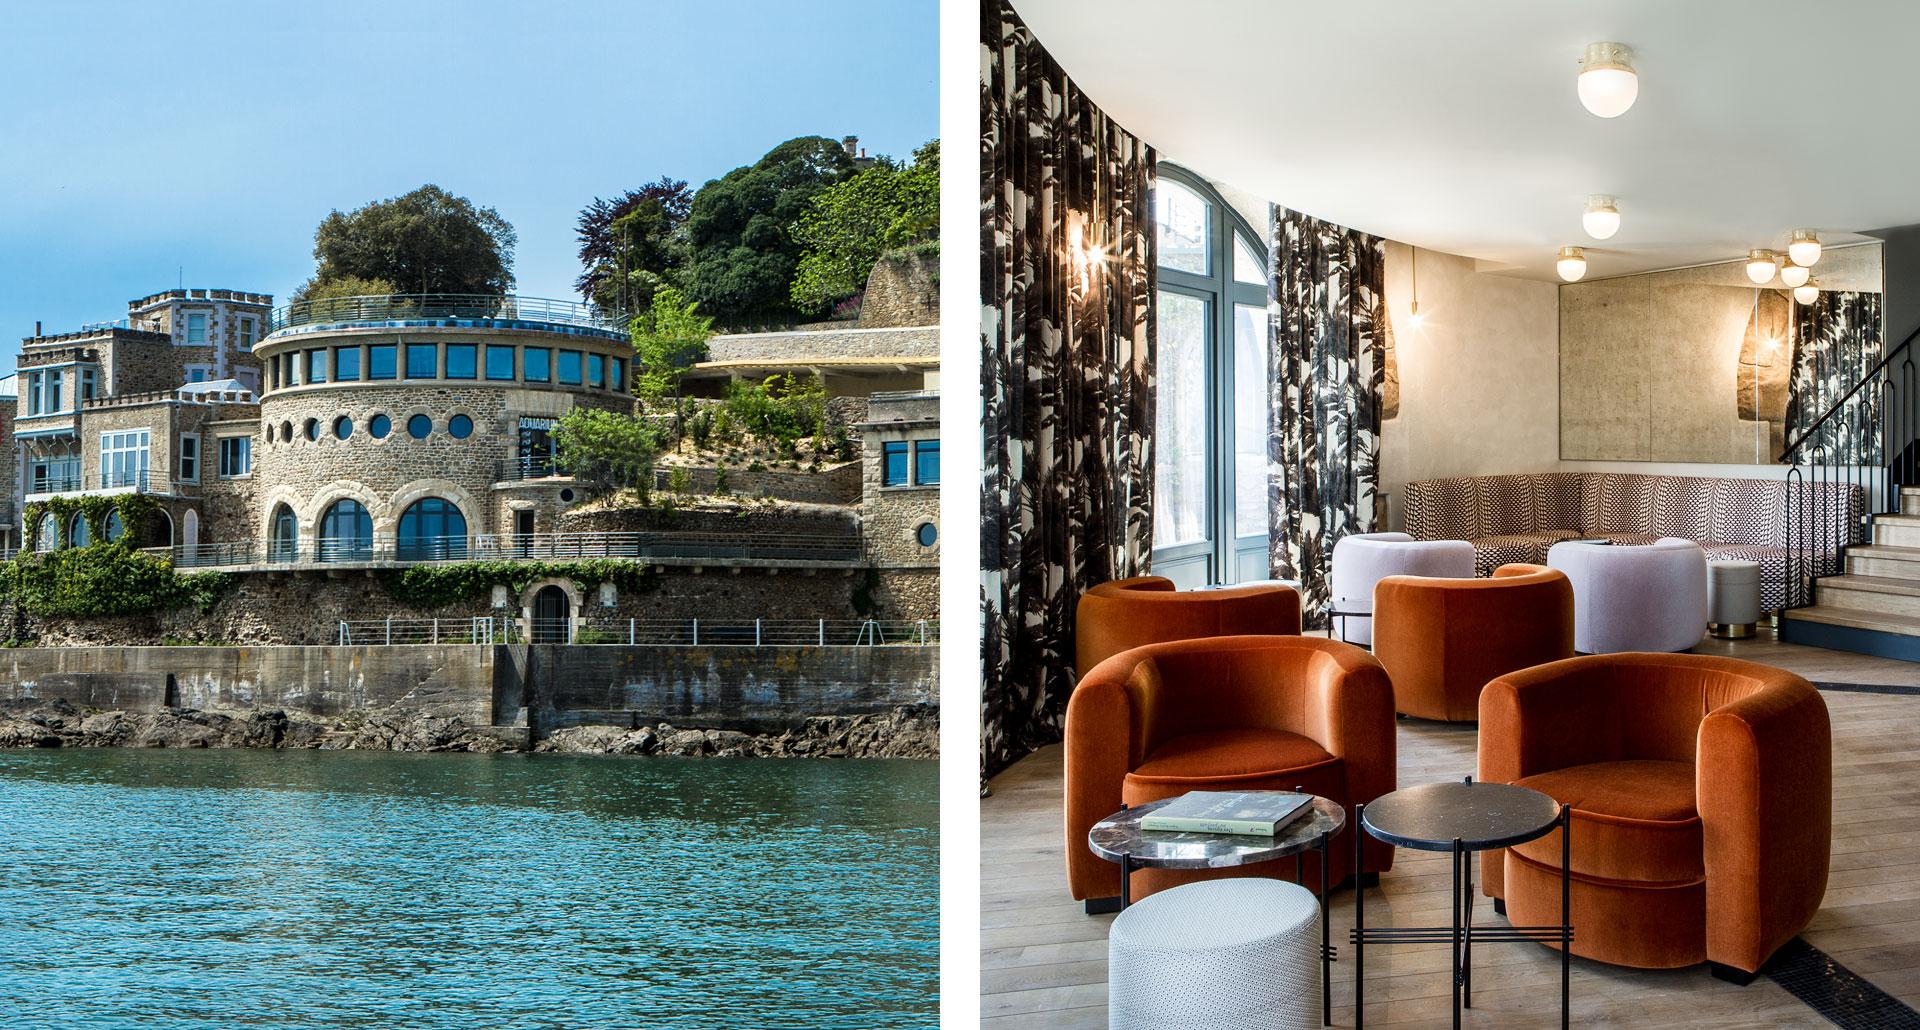 CASTELBRAC DINARD - castle hotel in Dinard, France